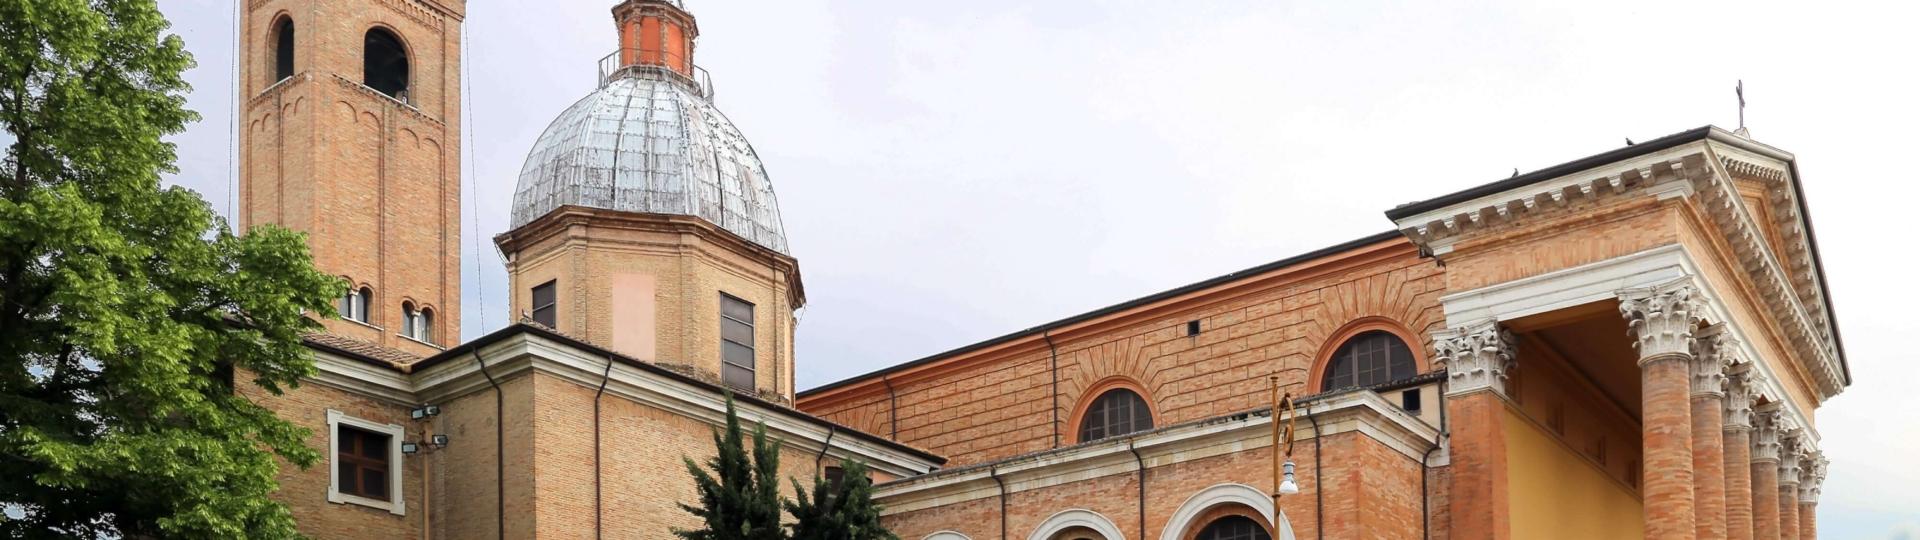 3. Forlì esterno del Duomo